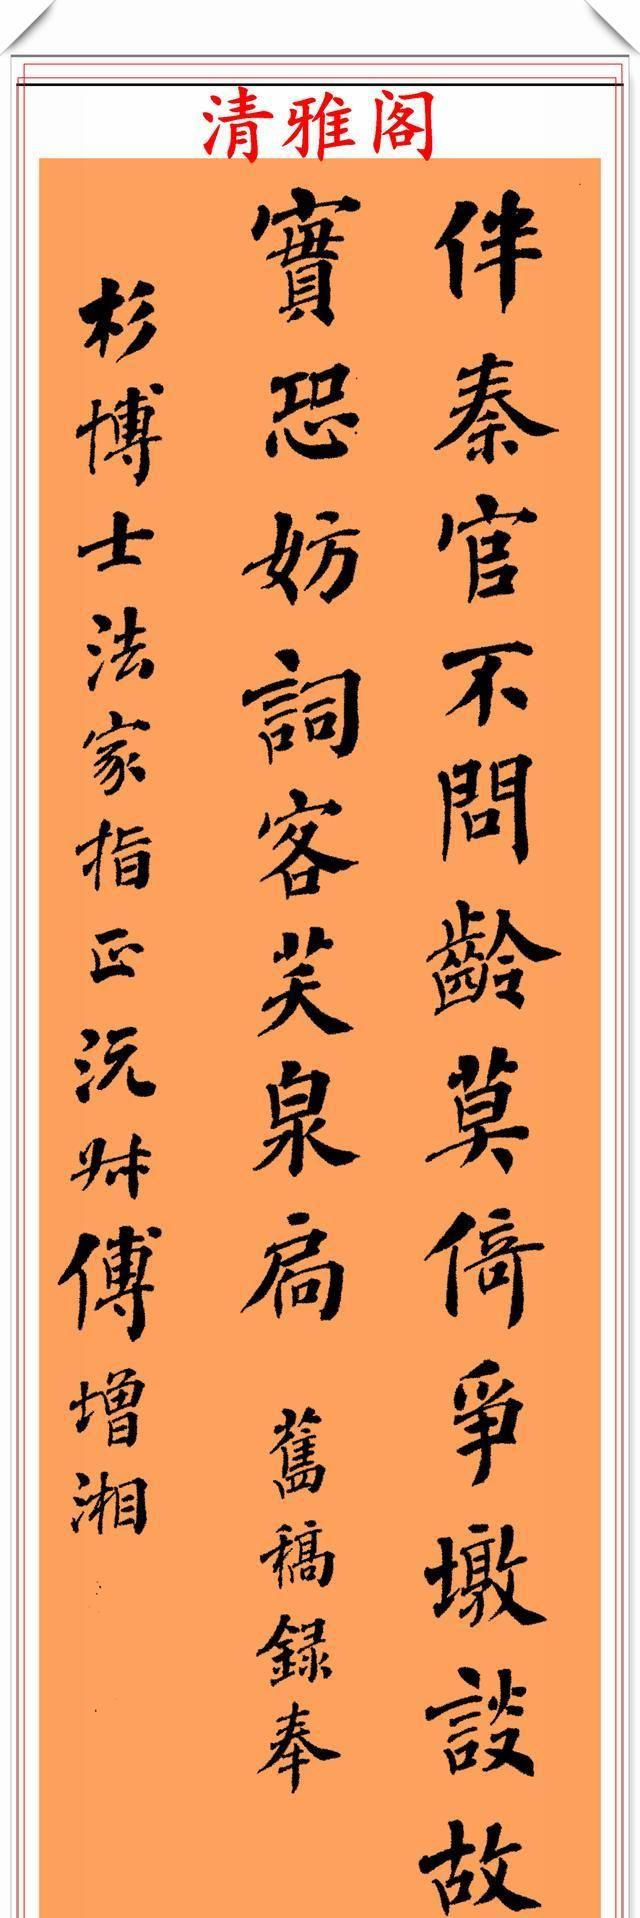 清代大书法家傅增湘,精选22幅傅体楷书欣赏,潇洒奇逸,端庄稳重